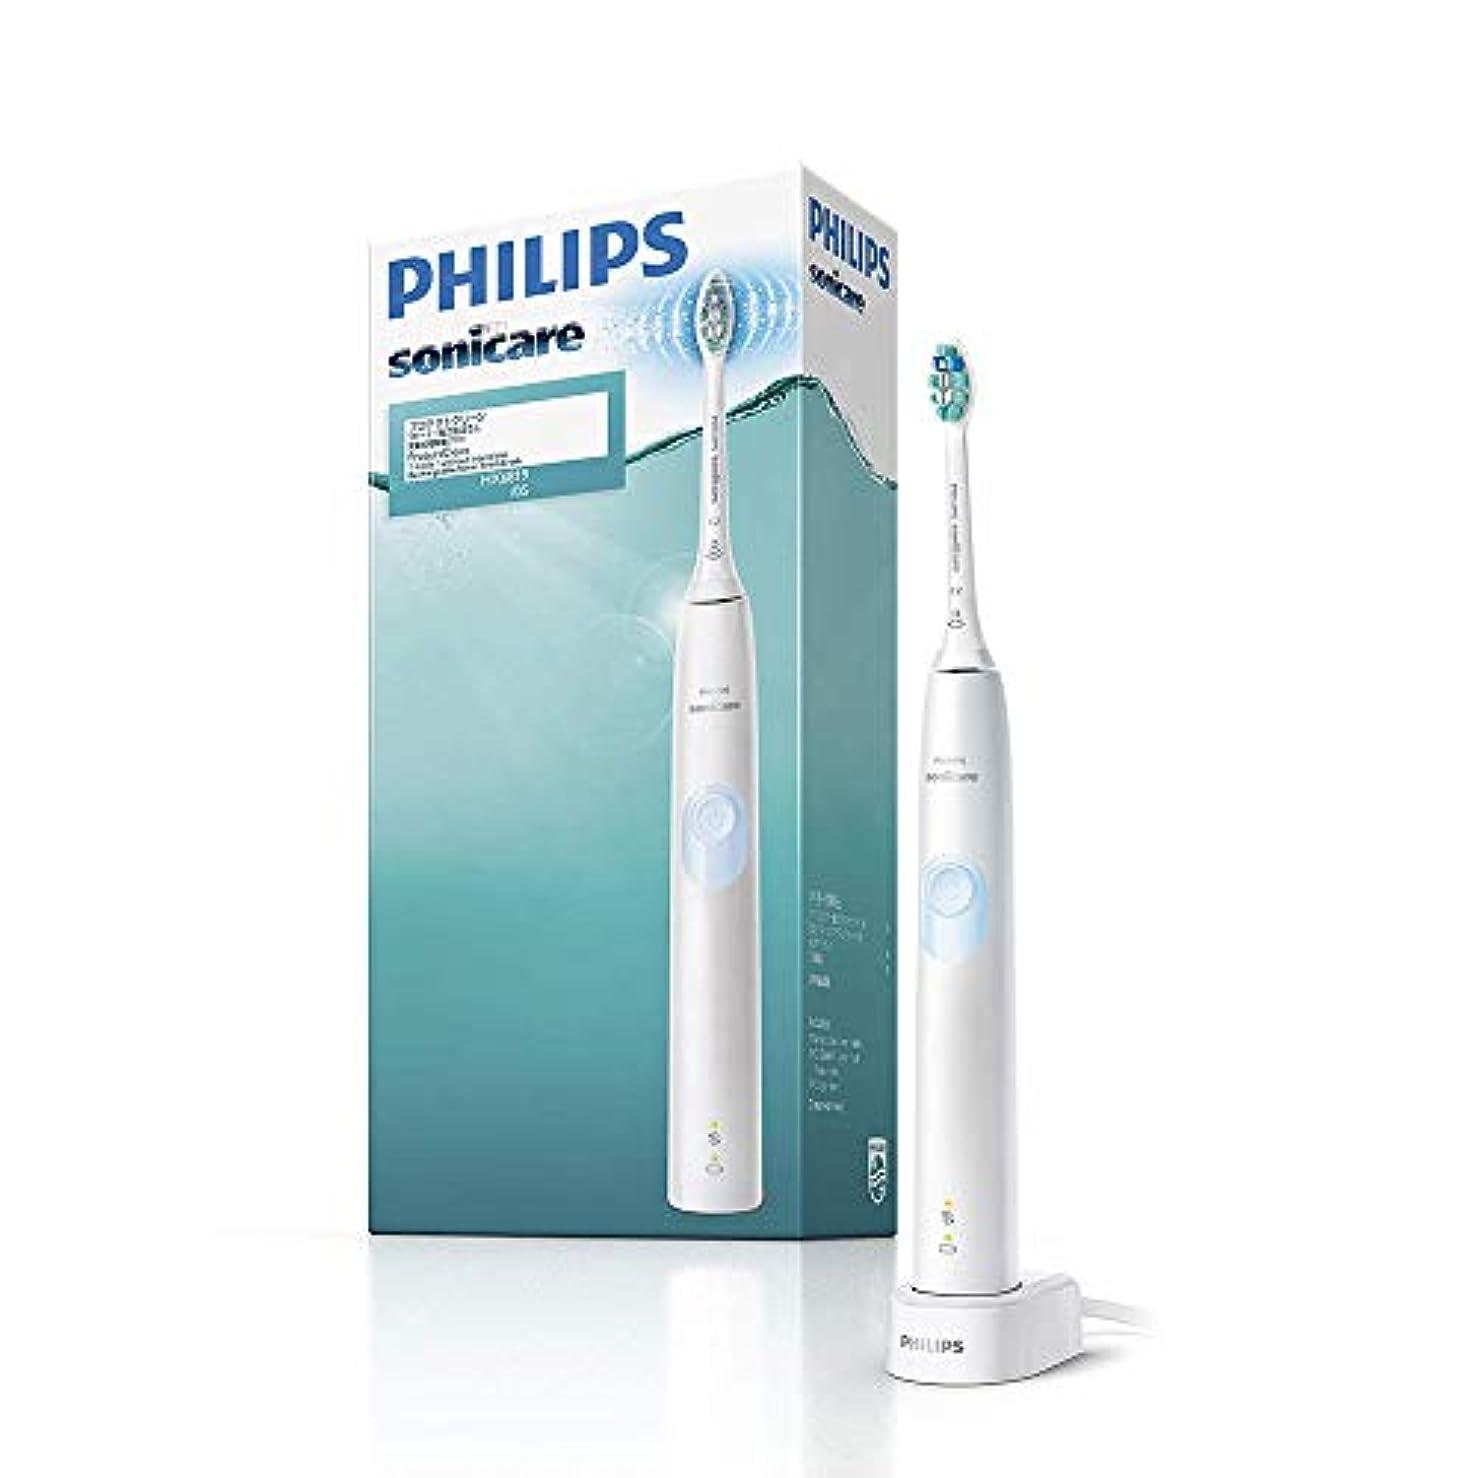 コレクションミス名前【Amazon.co.jp限定】フィリップス ソニッケアー プロテクトクリーン ホワイトライトブルー 電動歯ブラシ 強さ設定なし HX6819/05